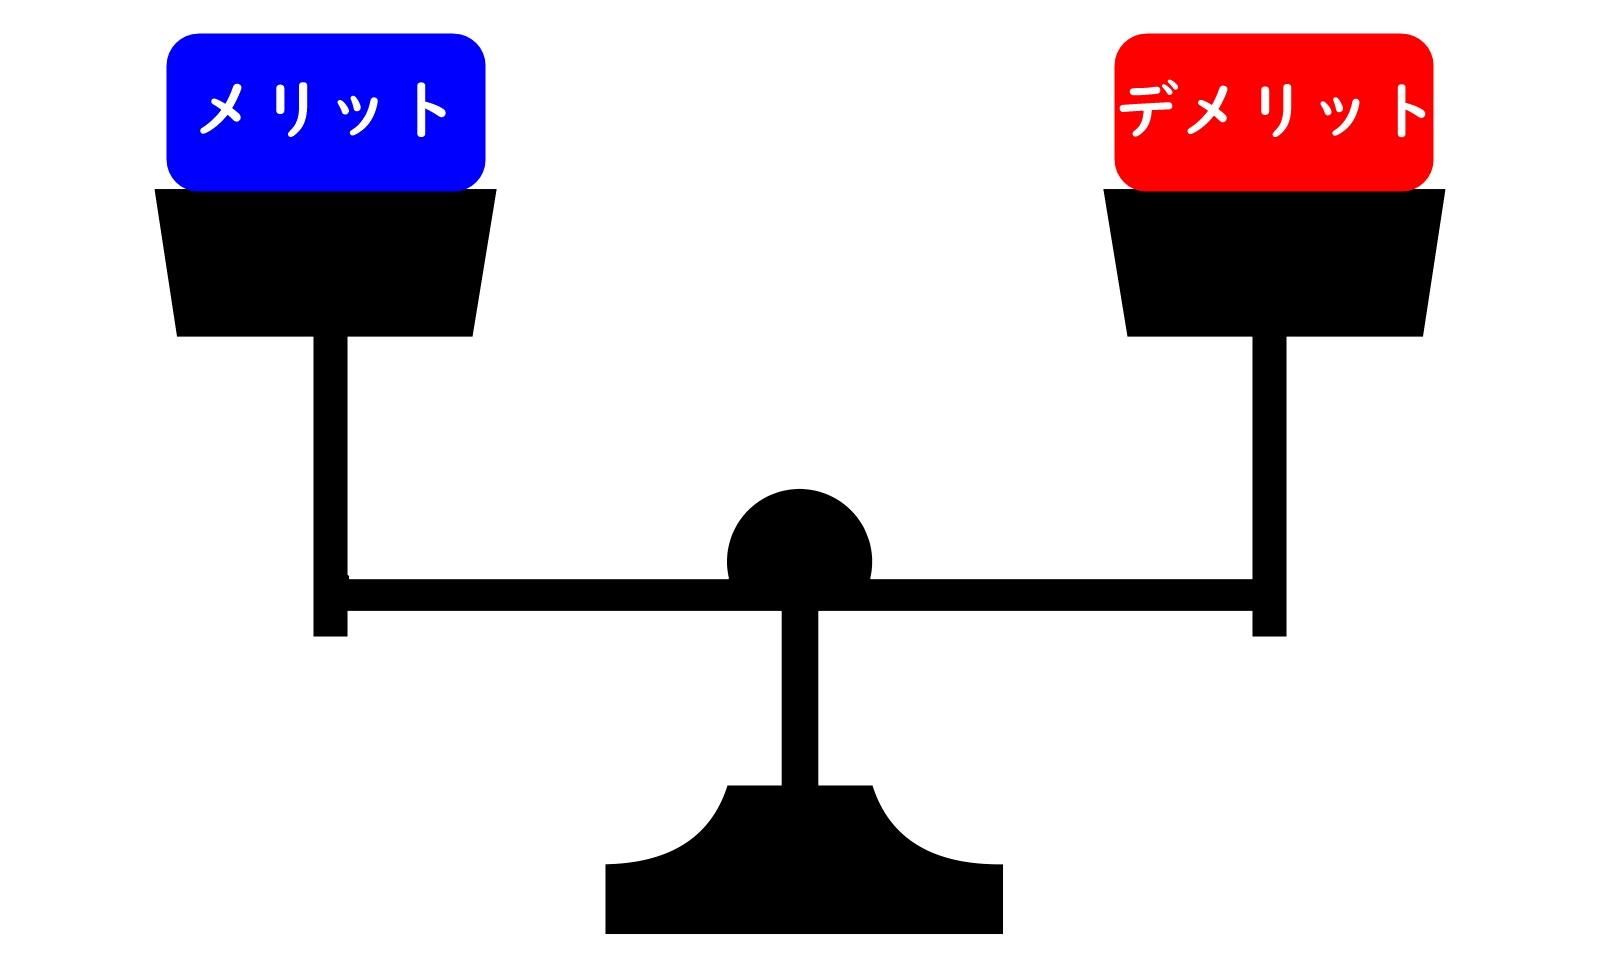 メリットとデメリットの天秤